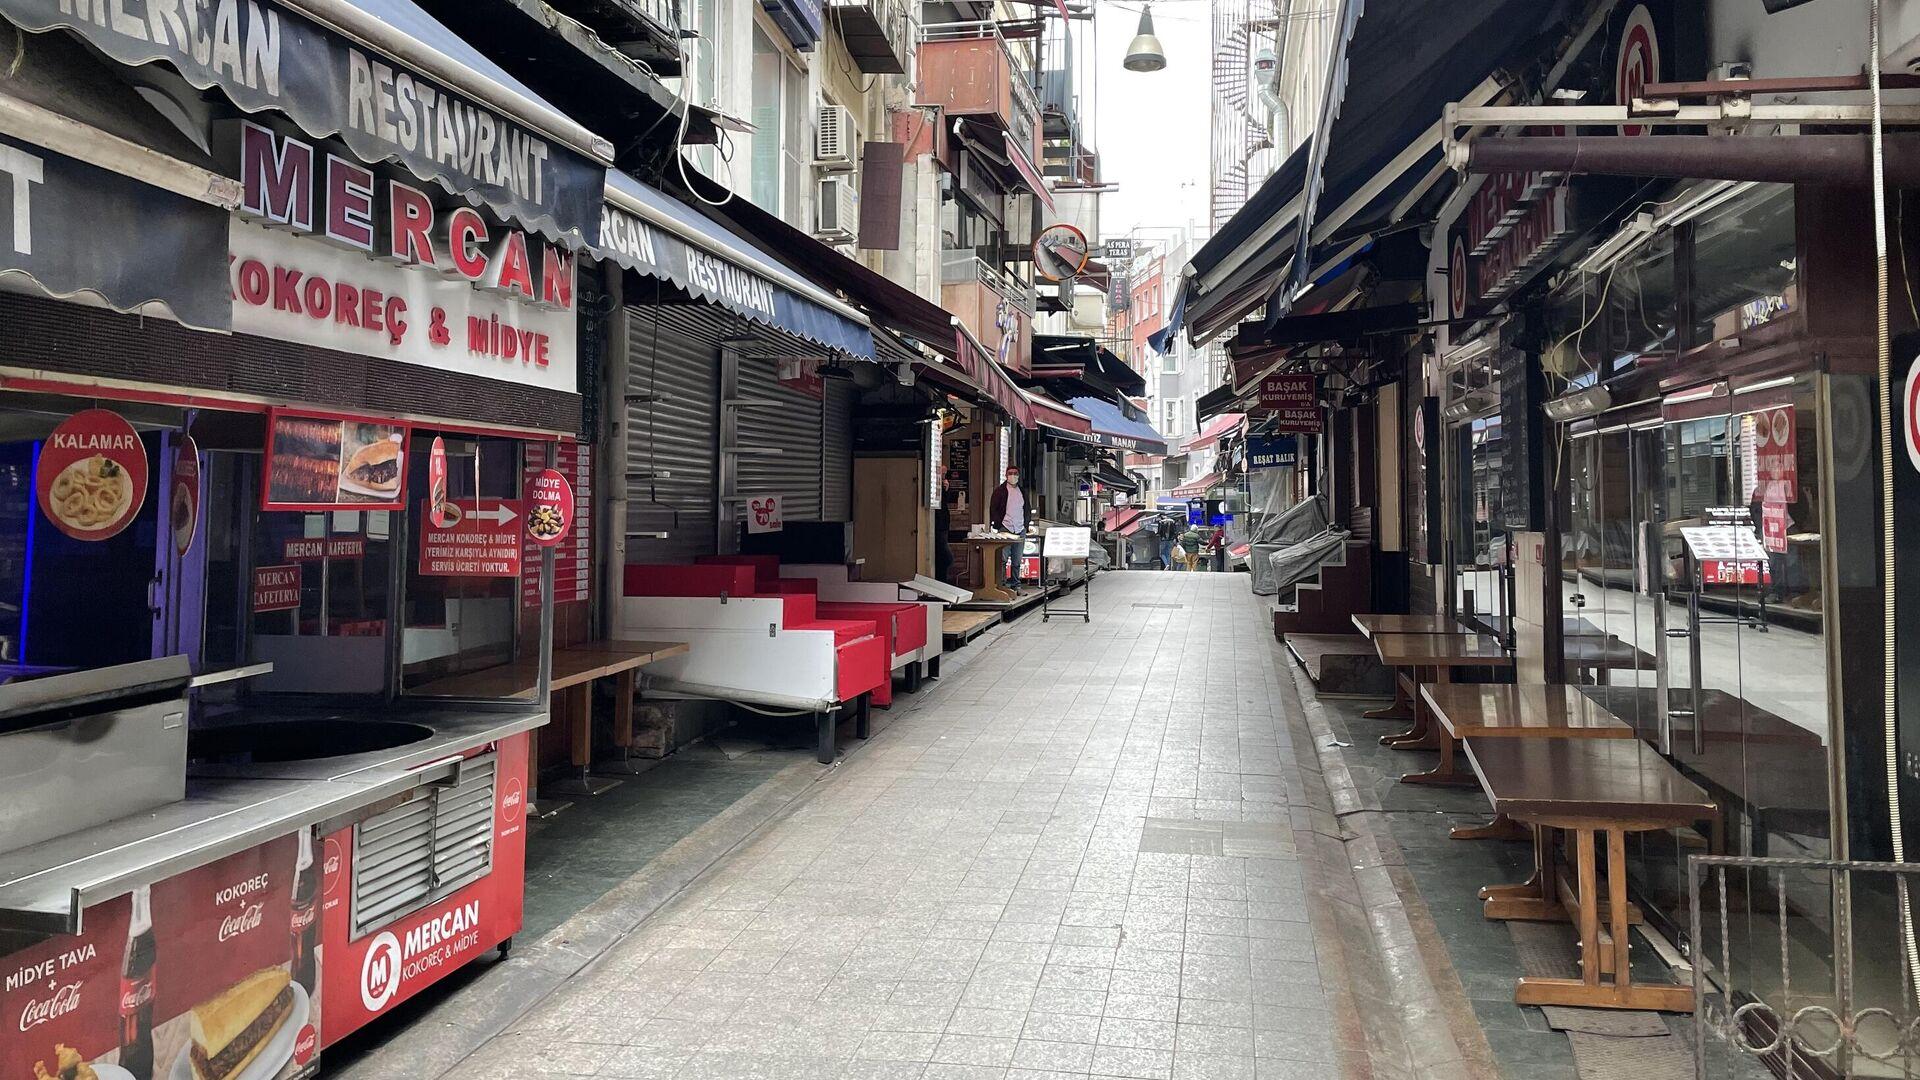 Закрытые магазины на одной из улиц неподалеку от Гранд-базара в Стамбуле - РИА Новости, 1920, 26.04.2021